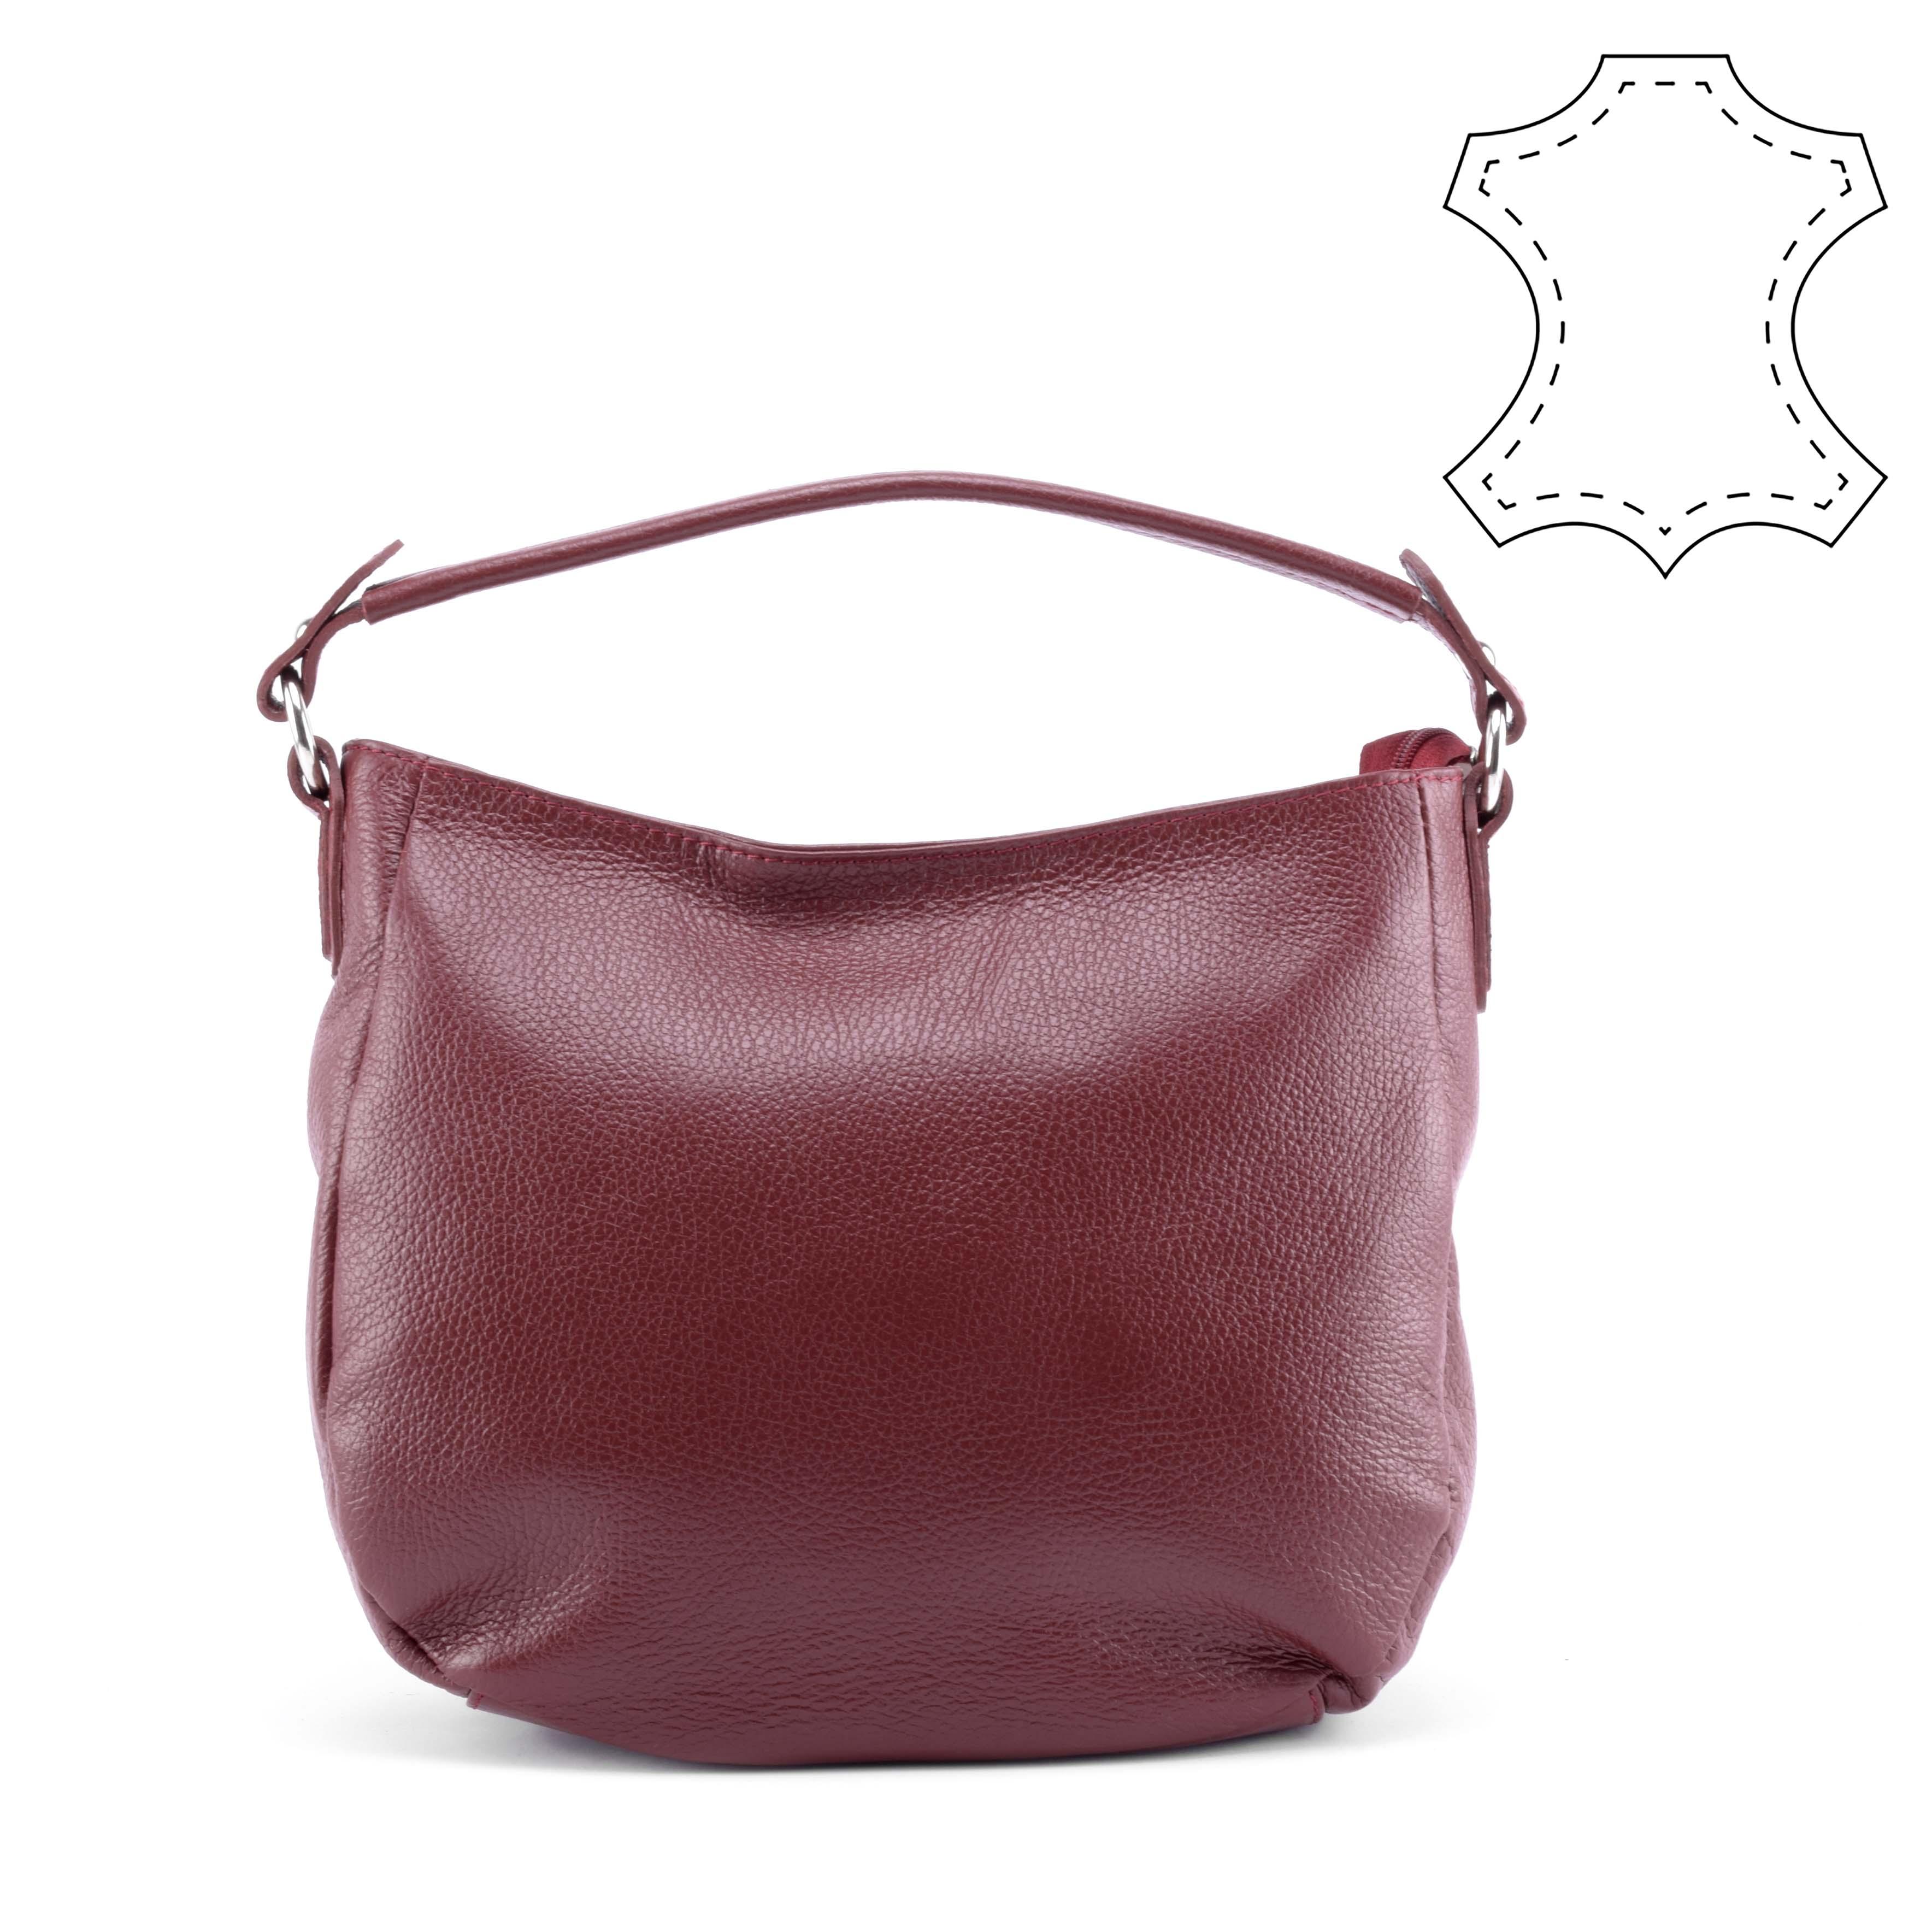 0232d4ab1c6a Bordó női bőr válltáska - Válltáskák - Táska webáruház - Minőségi táskák  mindenkinek